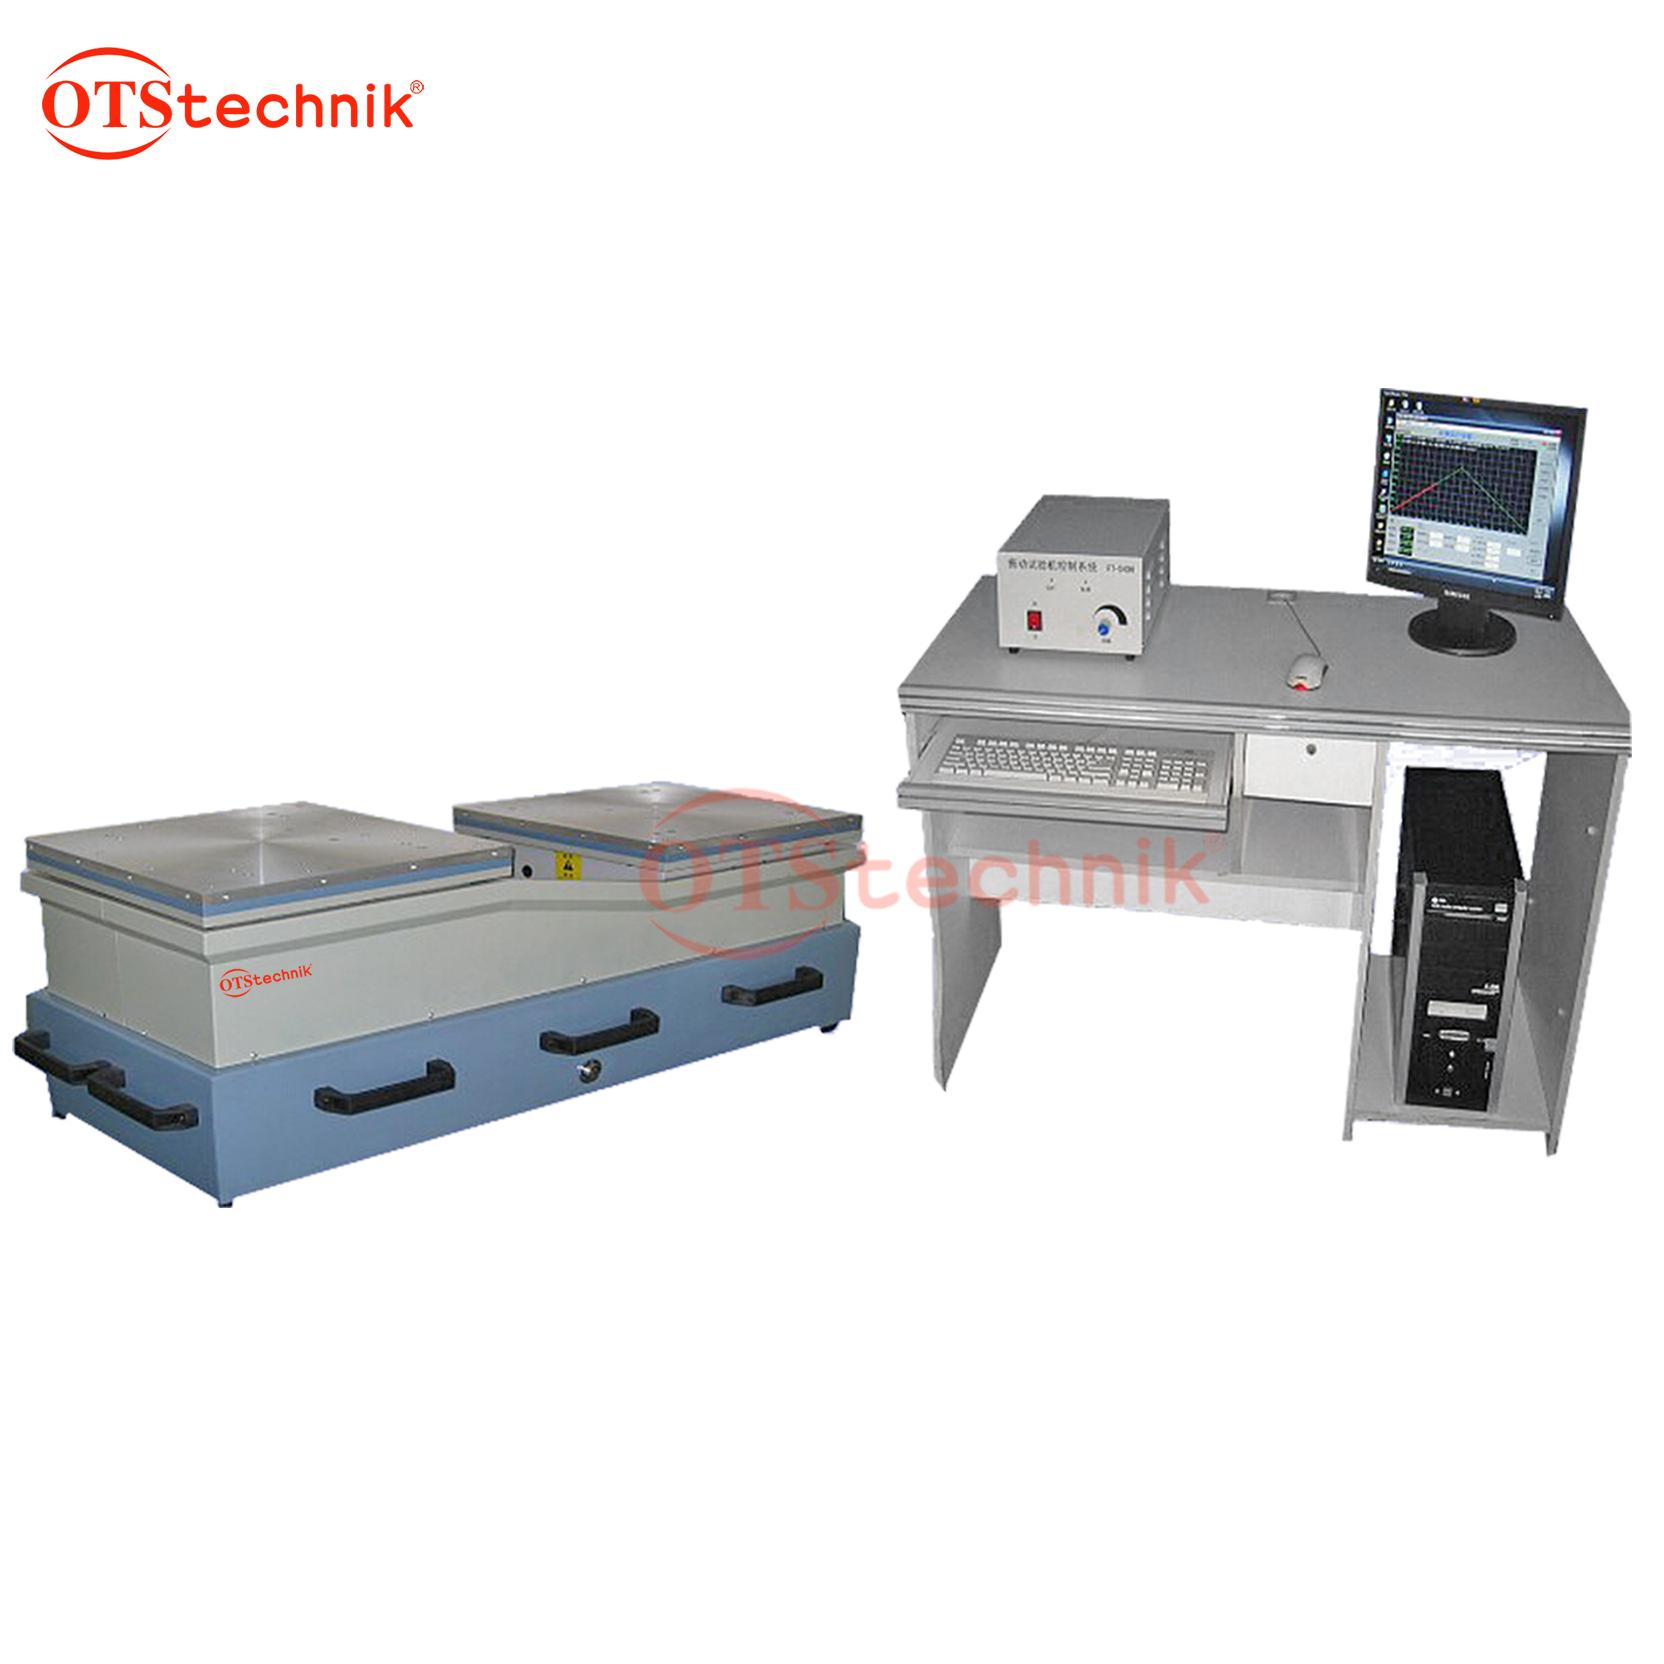 低频电磁式振动台(带电脑)